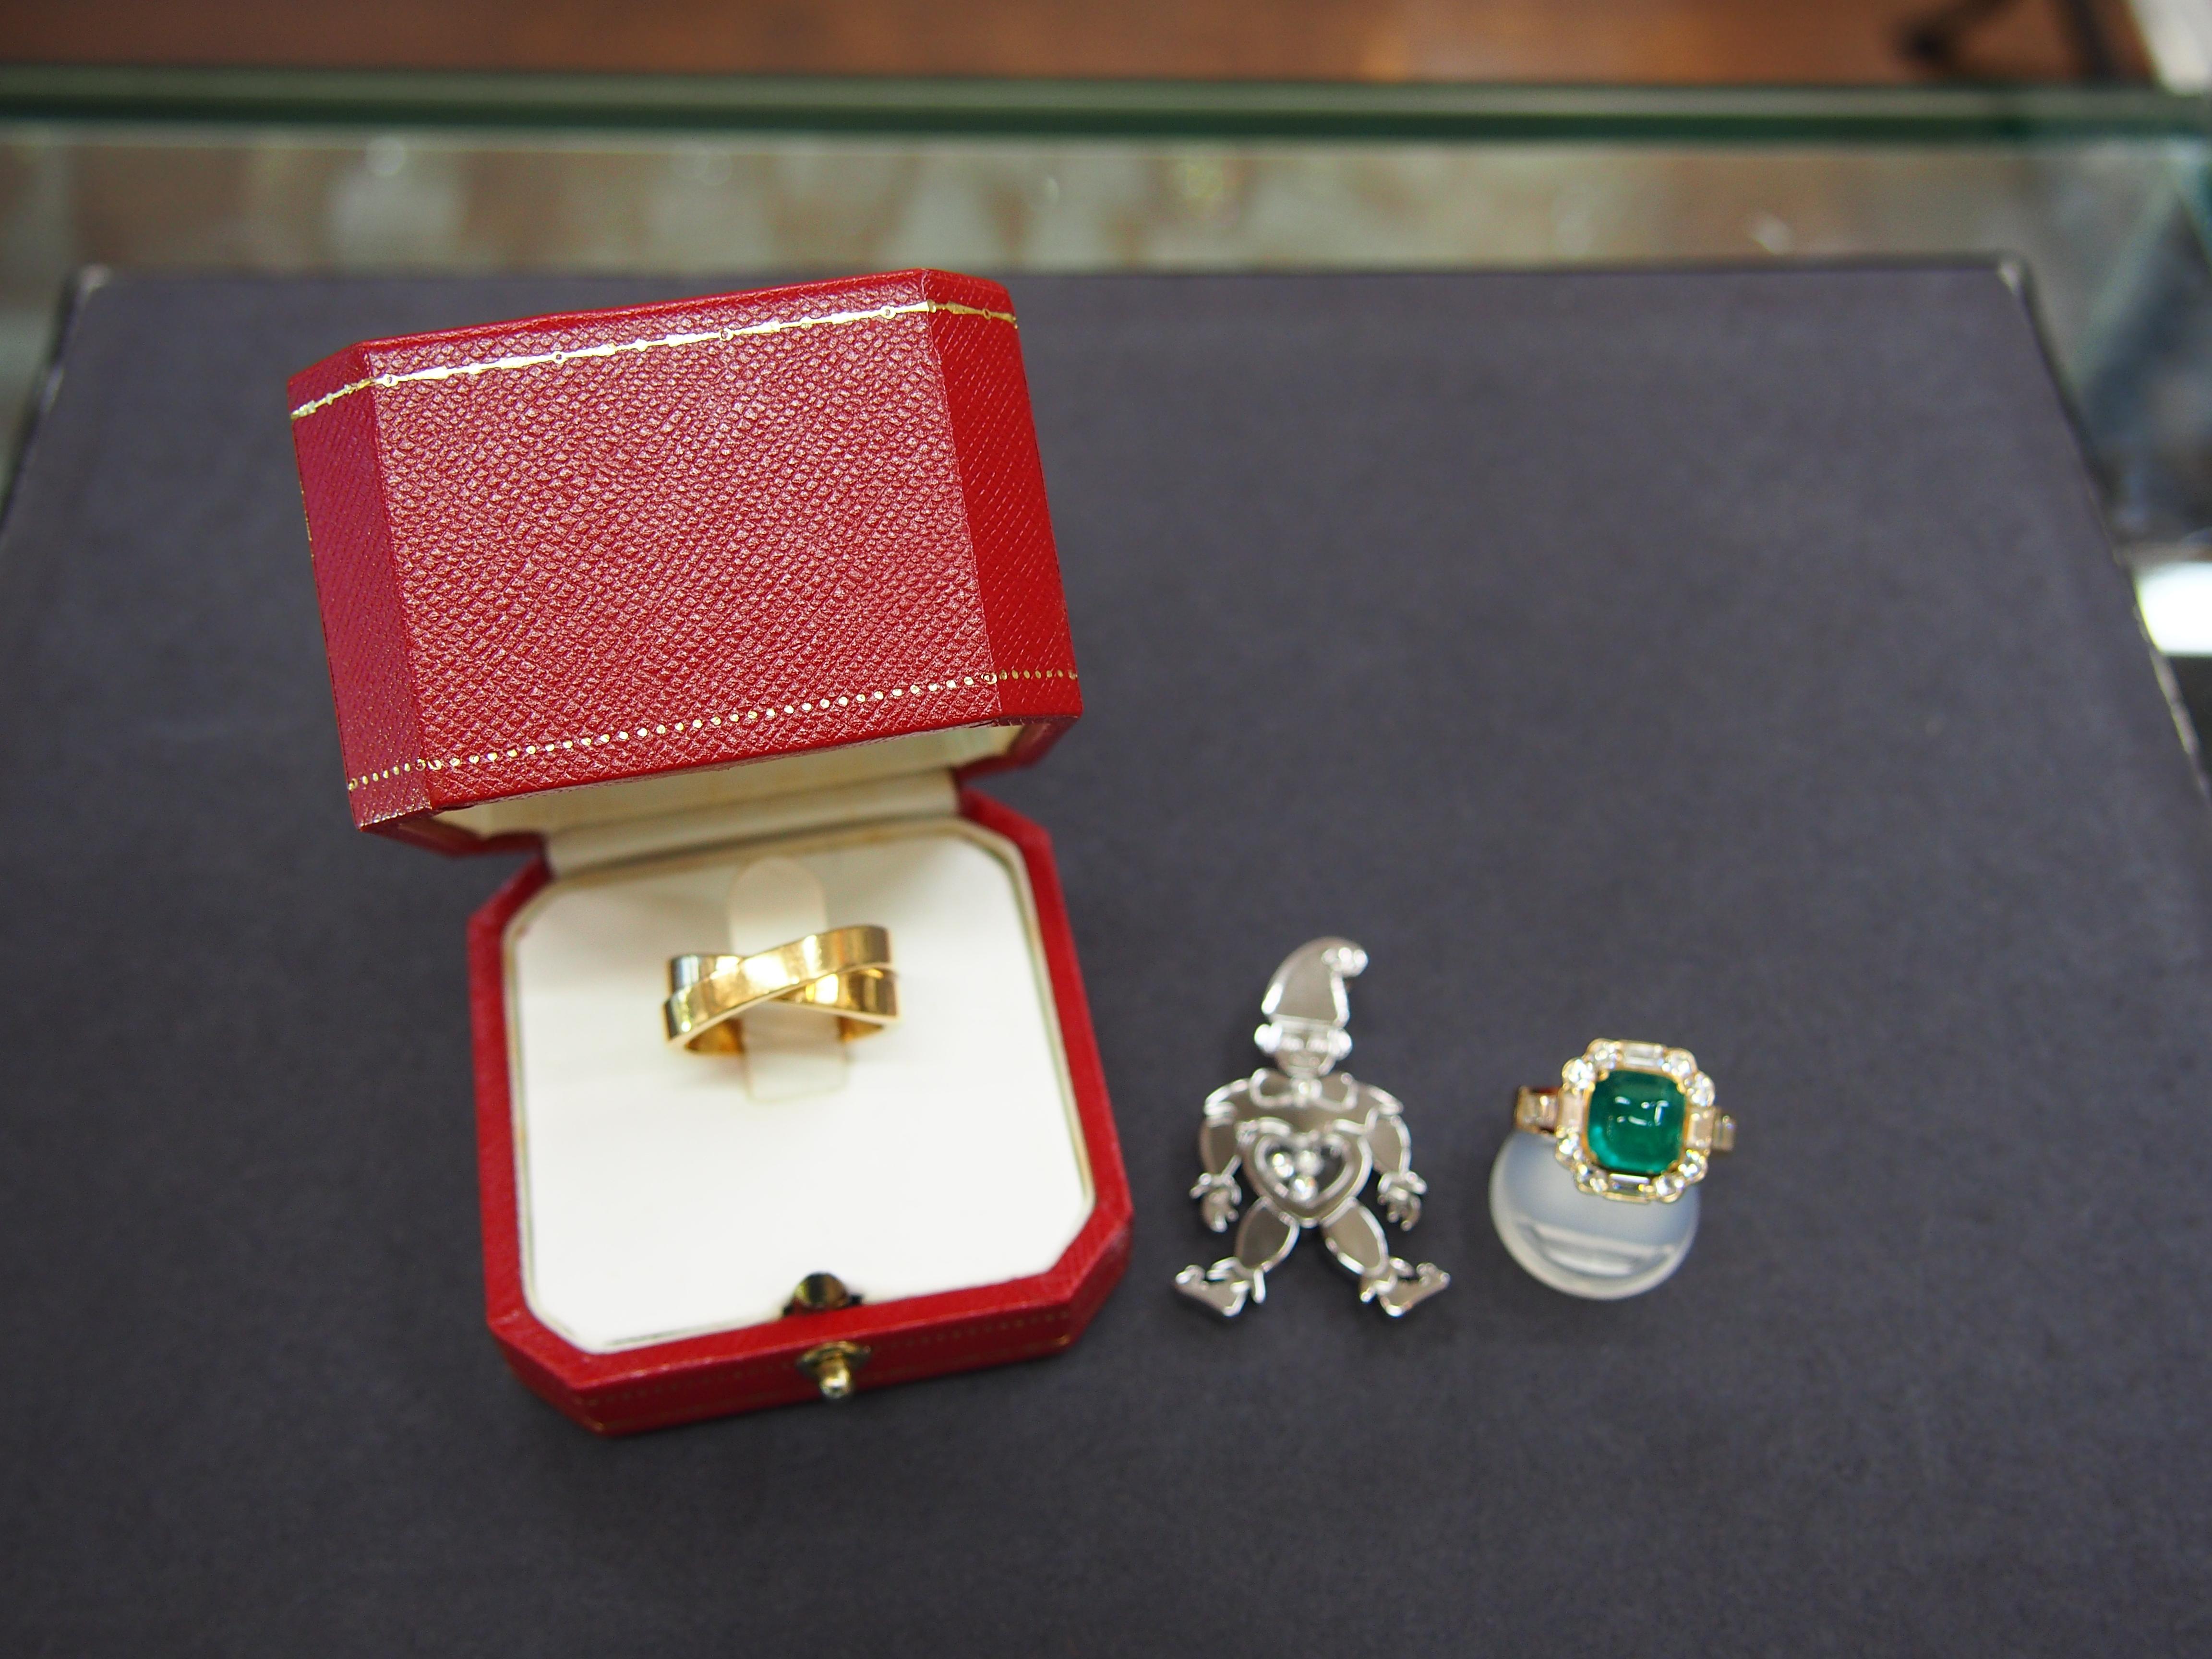 K18 E2.73/D1.32ct 指輪 Chopard Cartier パリリング